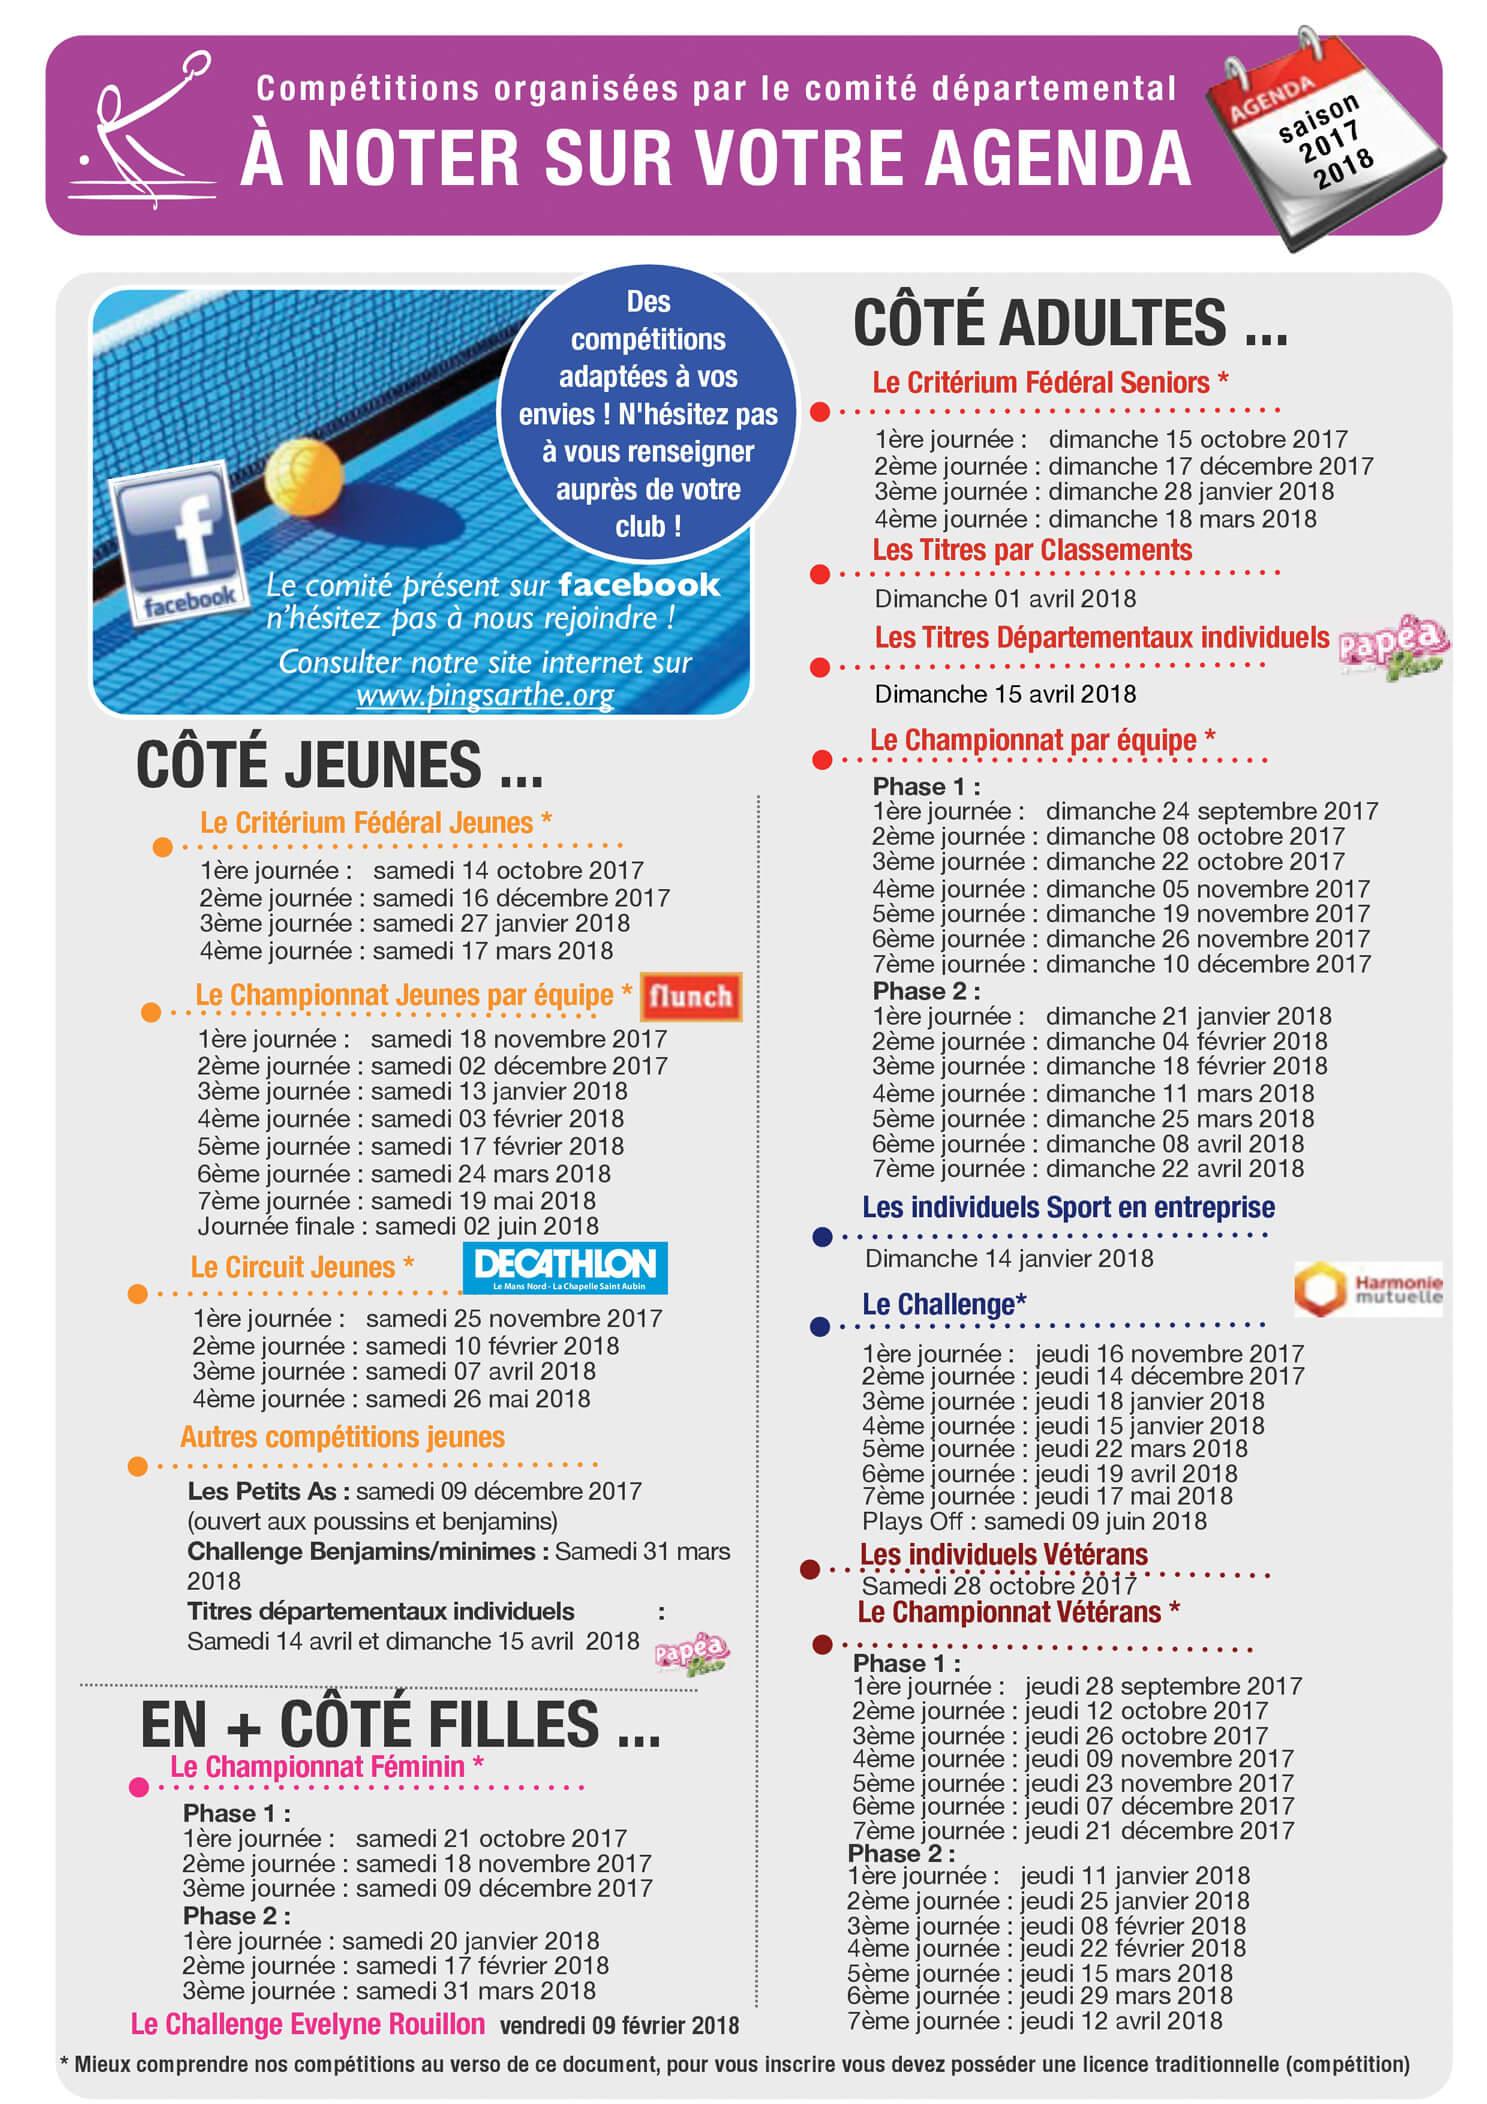 CD72_a_noter_sur_votre_agenda_20162017_site